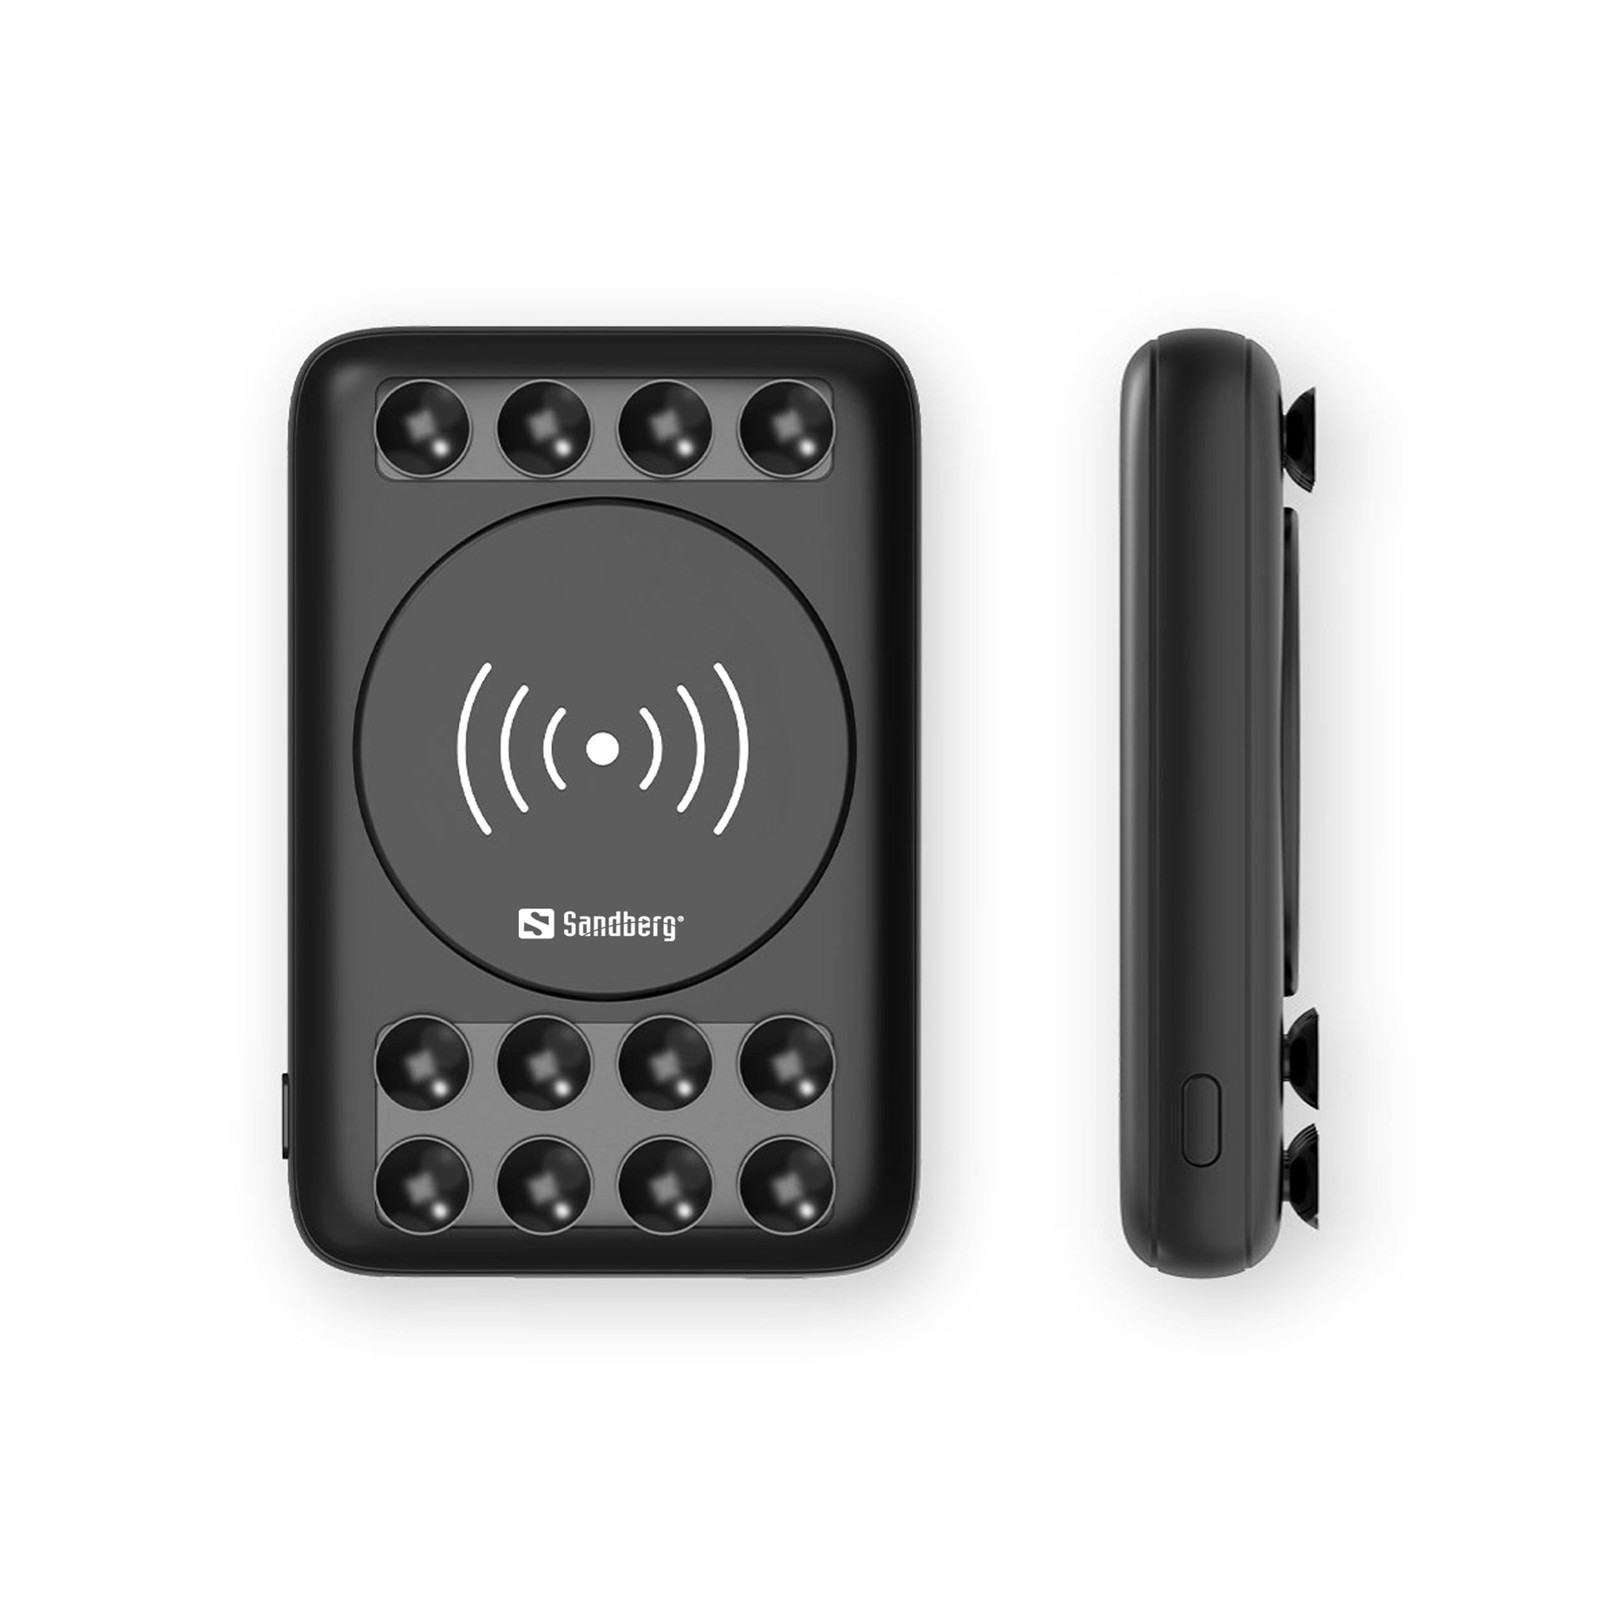 Sandberg Powerbank 10000 Wireless 10W, Black